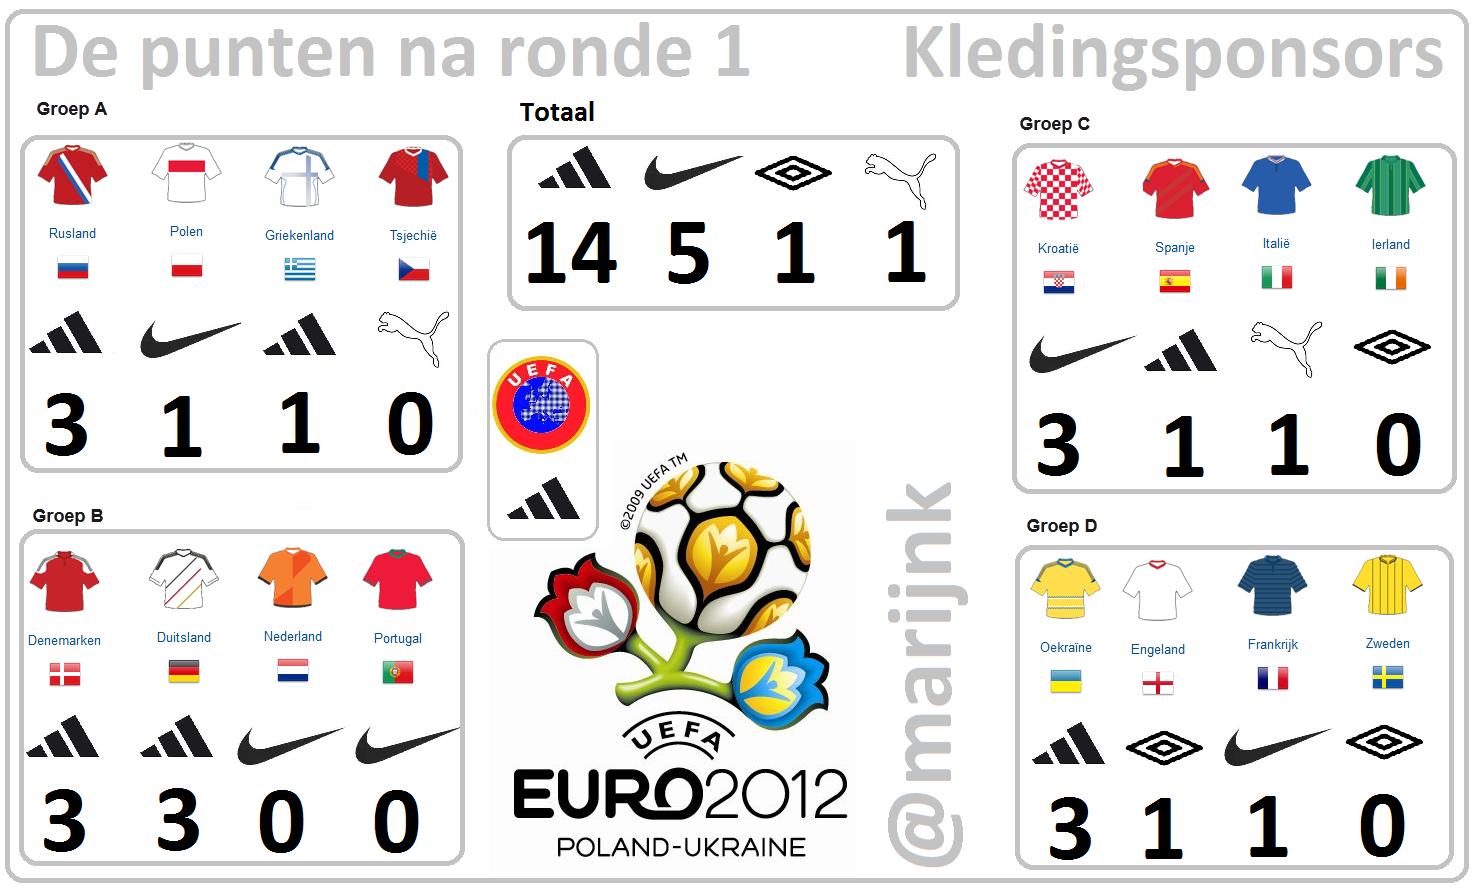 Punten na ronde 1, Euro 2012, EK 2012, kledingsponsor